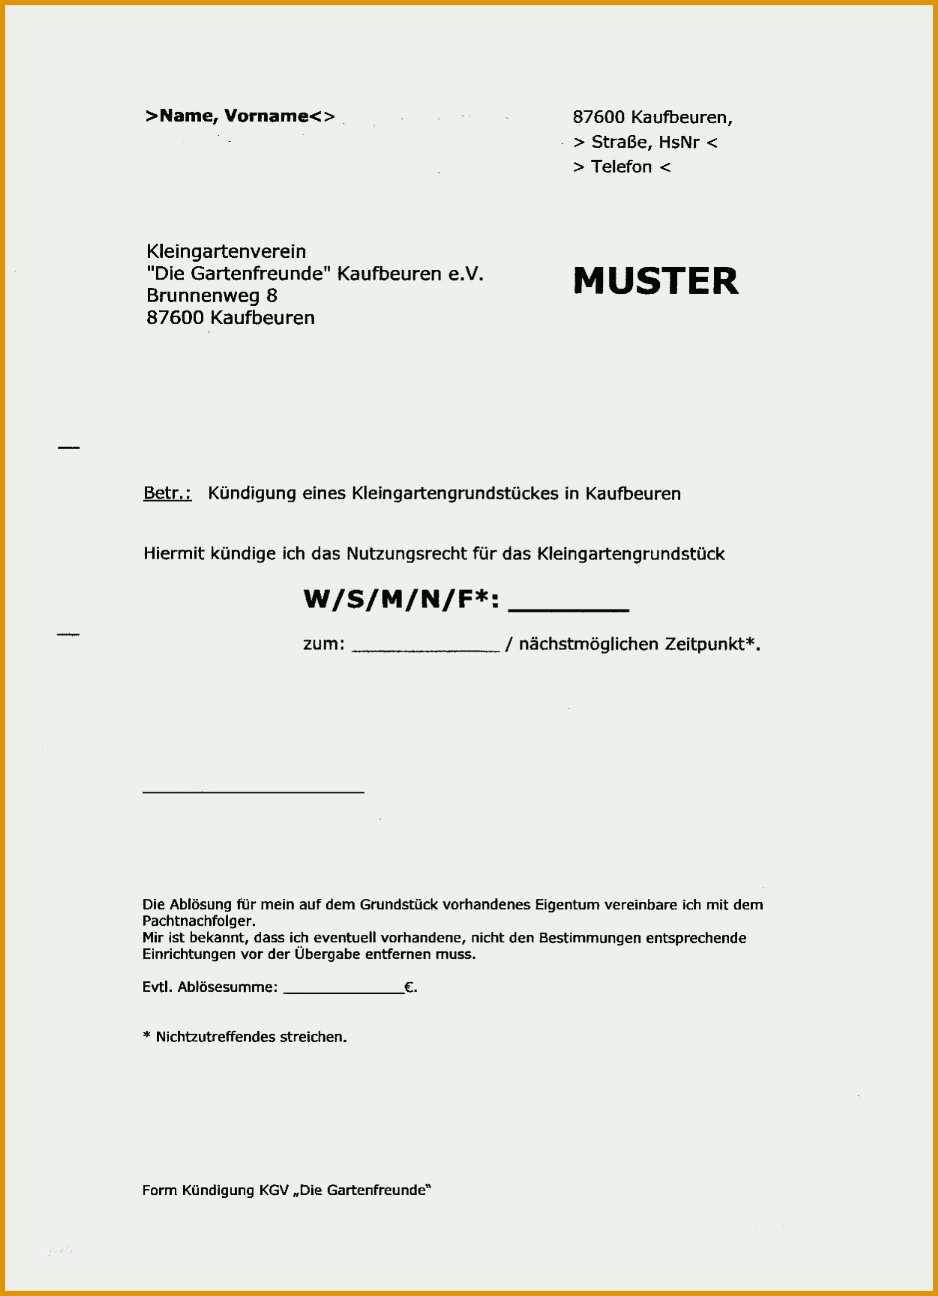 Vorlage Gbr Kndigung Vorlage Full Version Hd Quality Kndigung Vorlage Seitevorlage Gidhv Fr